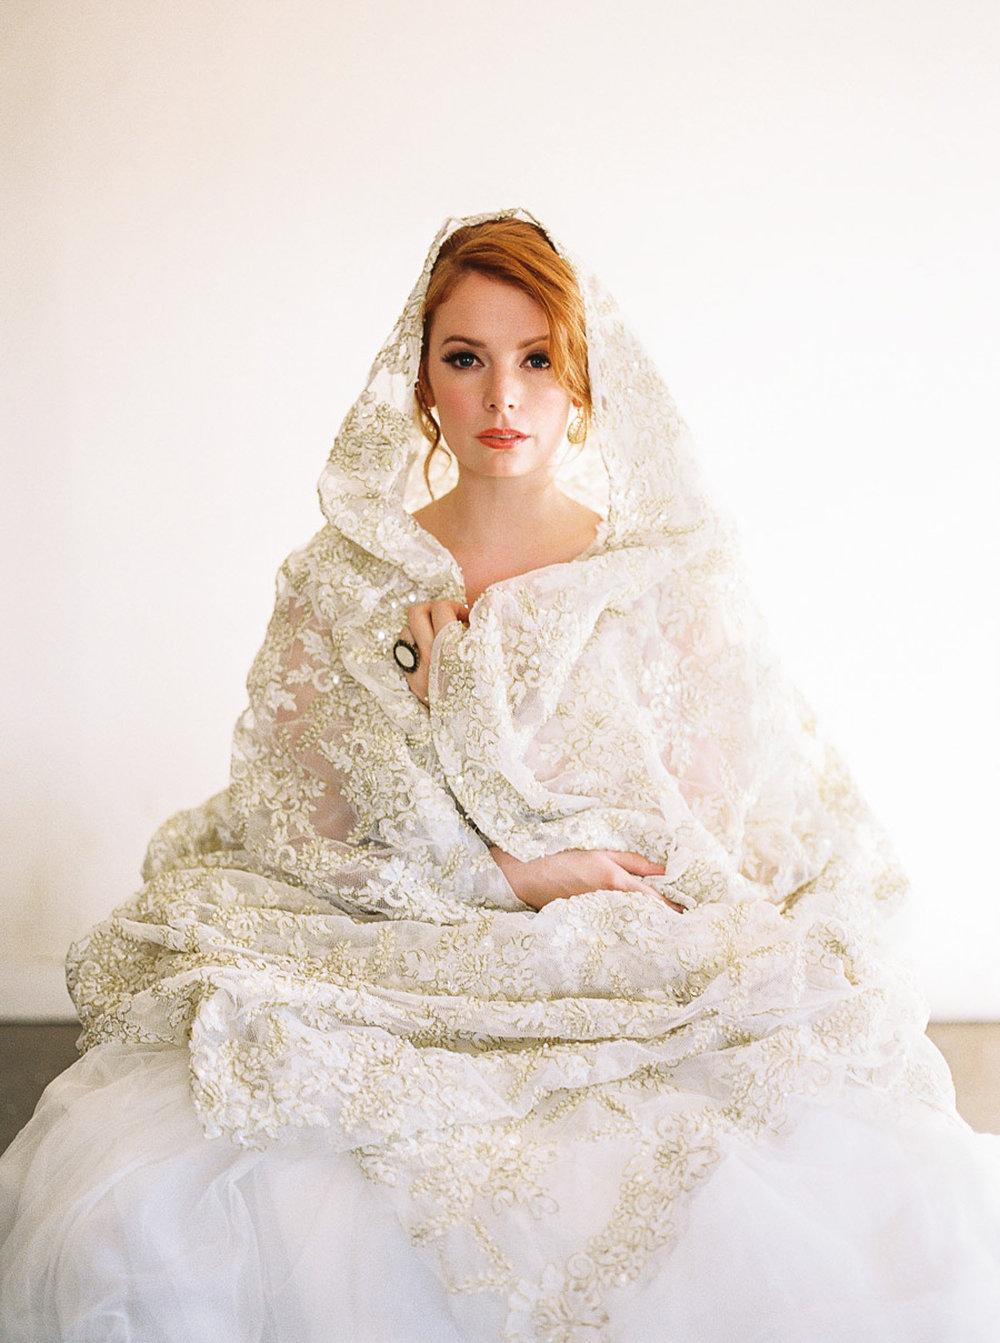 Lara_Lam_Vintage_Heirloom_wedding_photographer_Etablir_shop_vintage_rental96.jpg